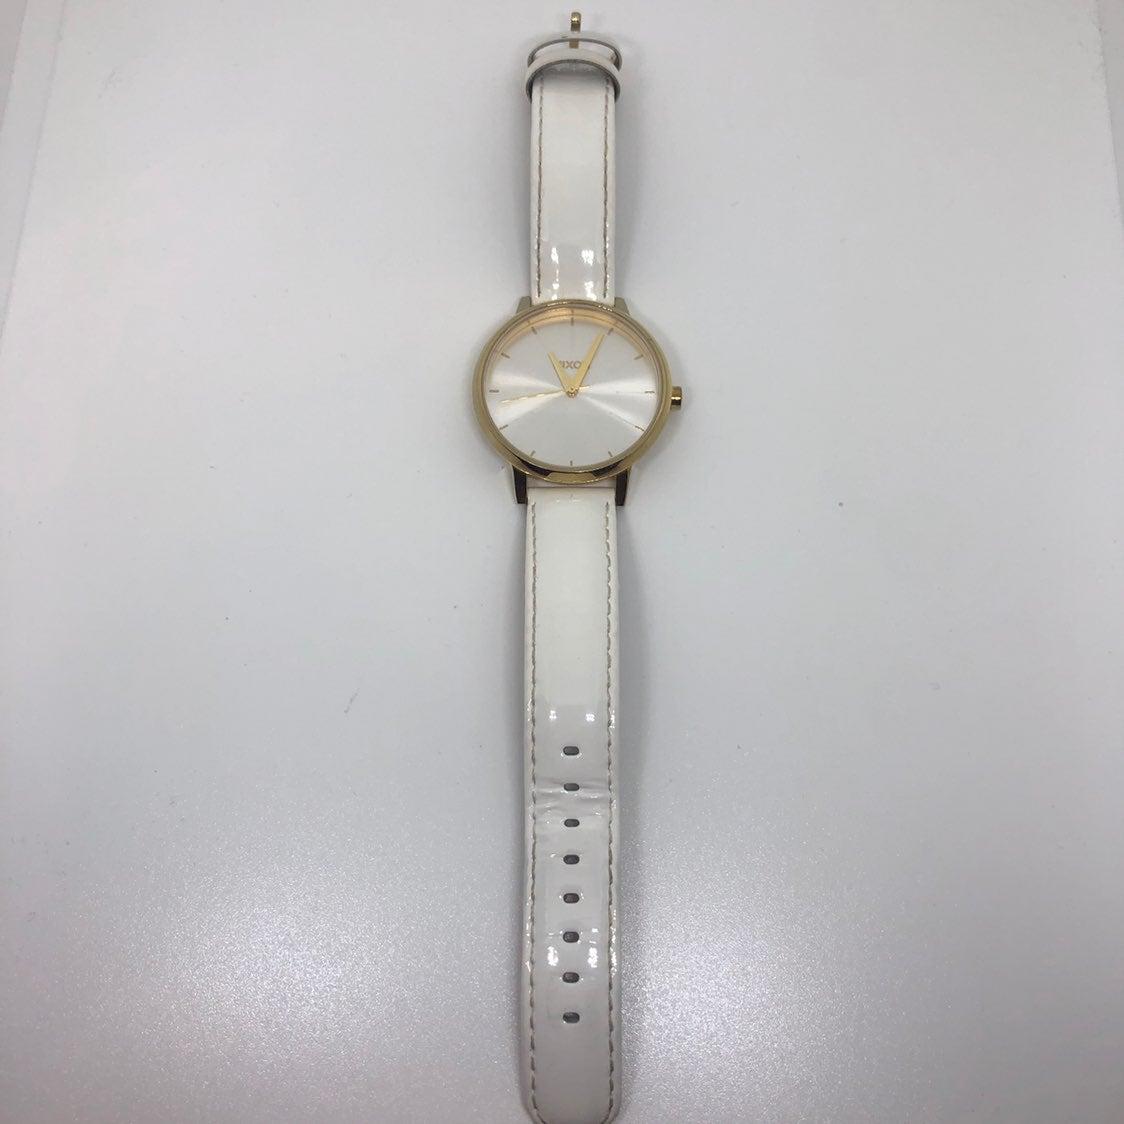 Nixon White + Gold The Kensington Watch